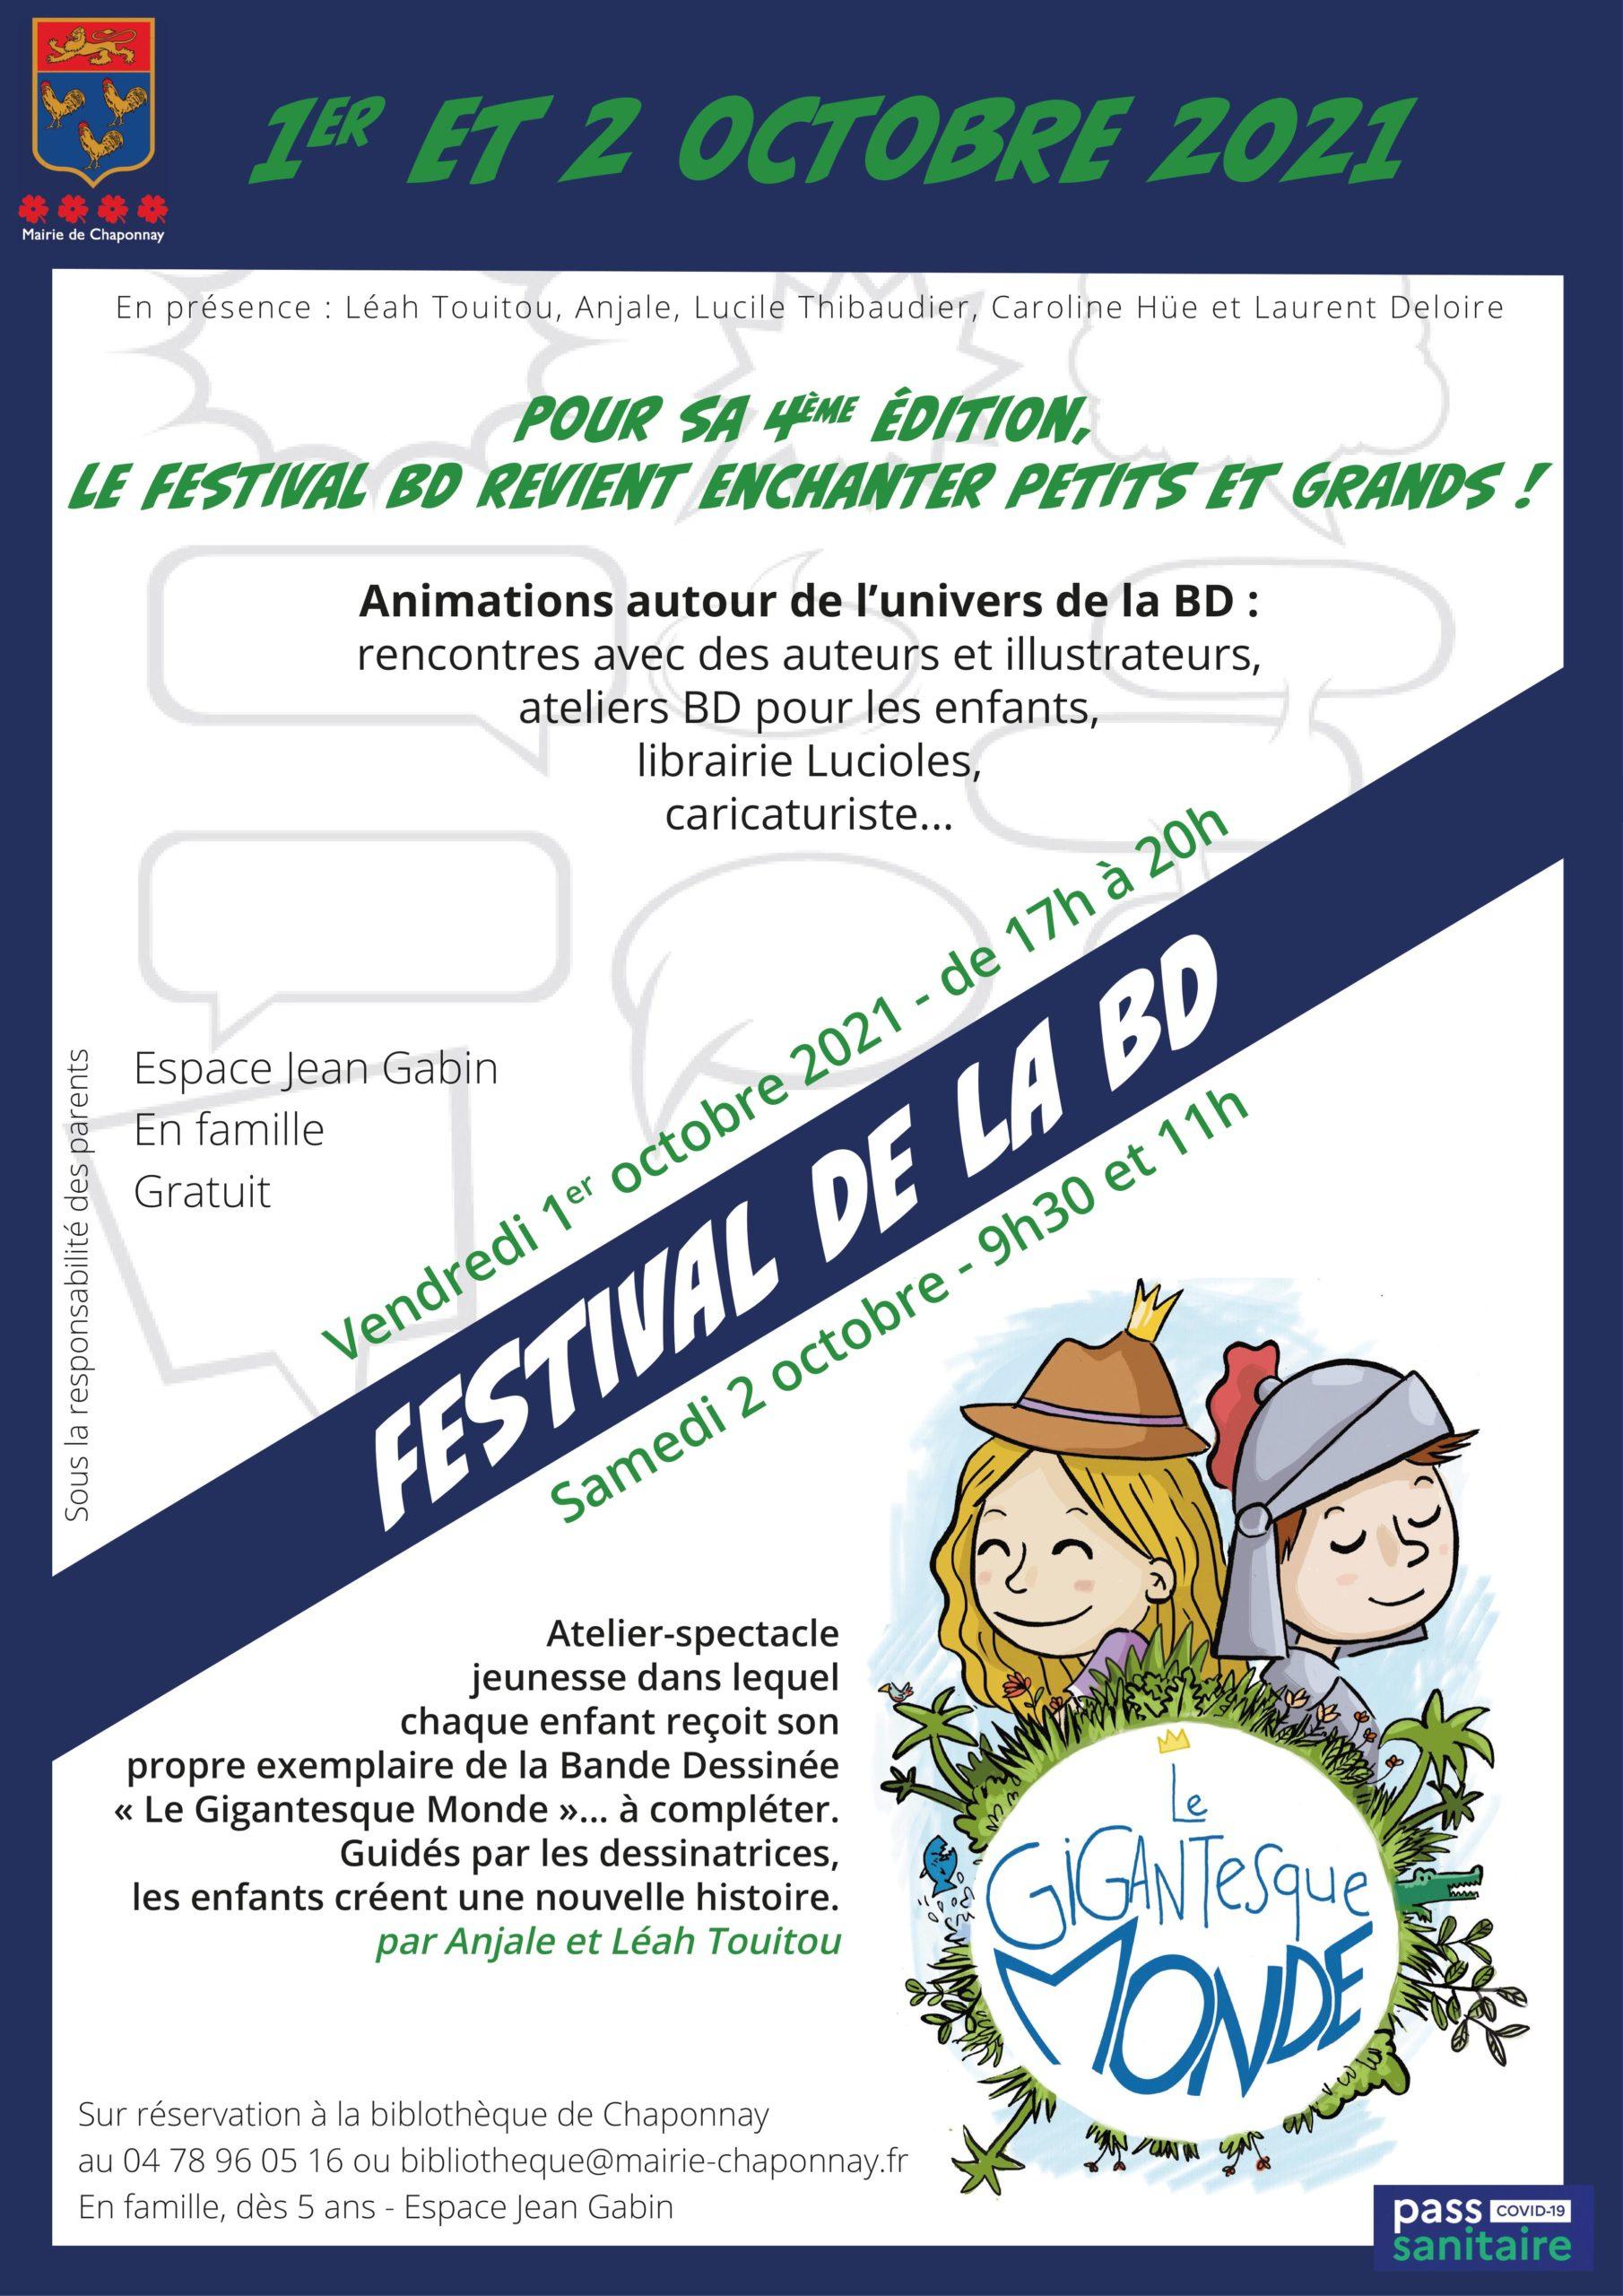 festivale de la bd